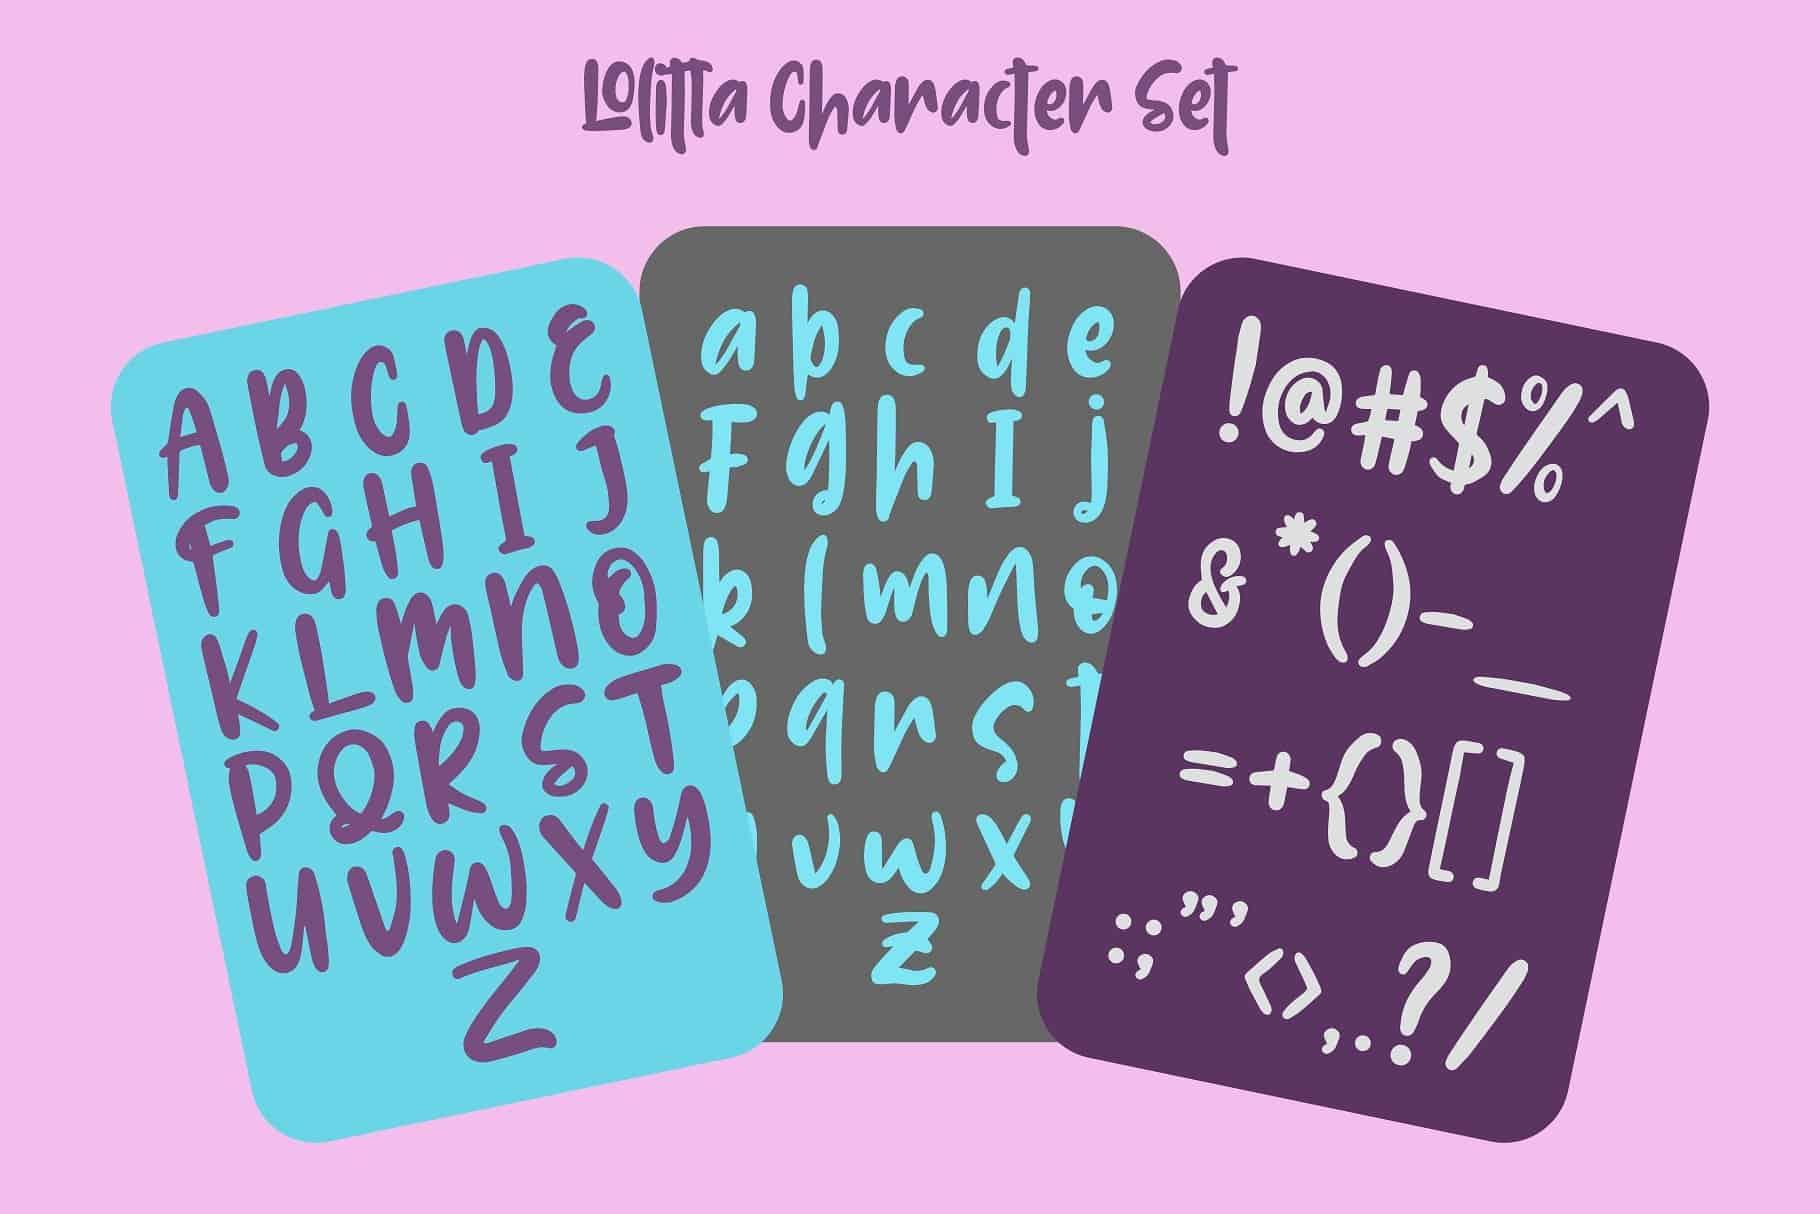 Lolitta Fun шрифт скачать бесплатно